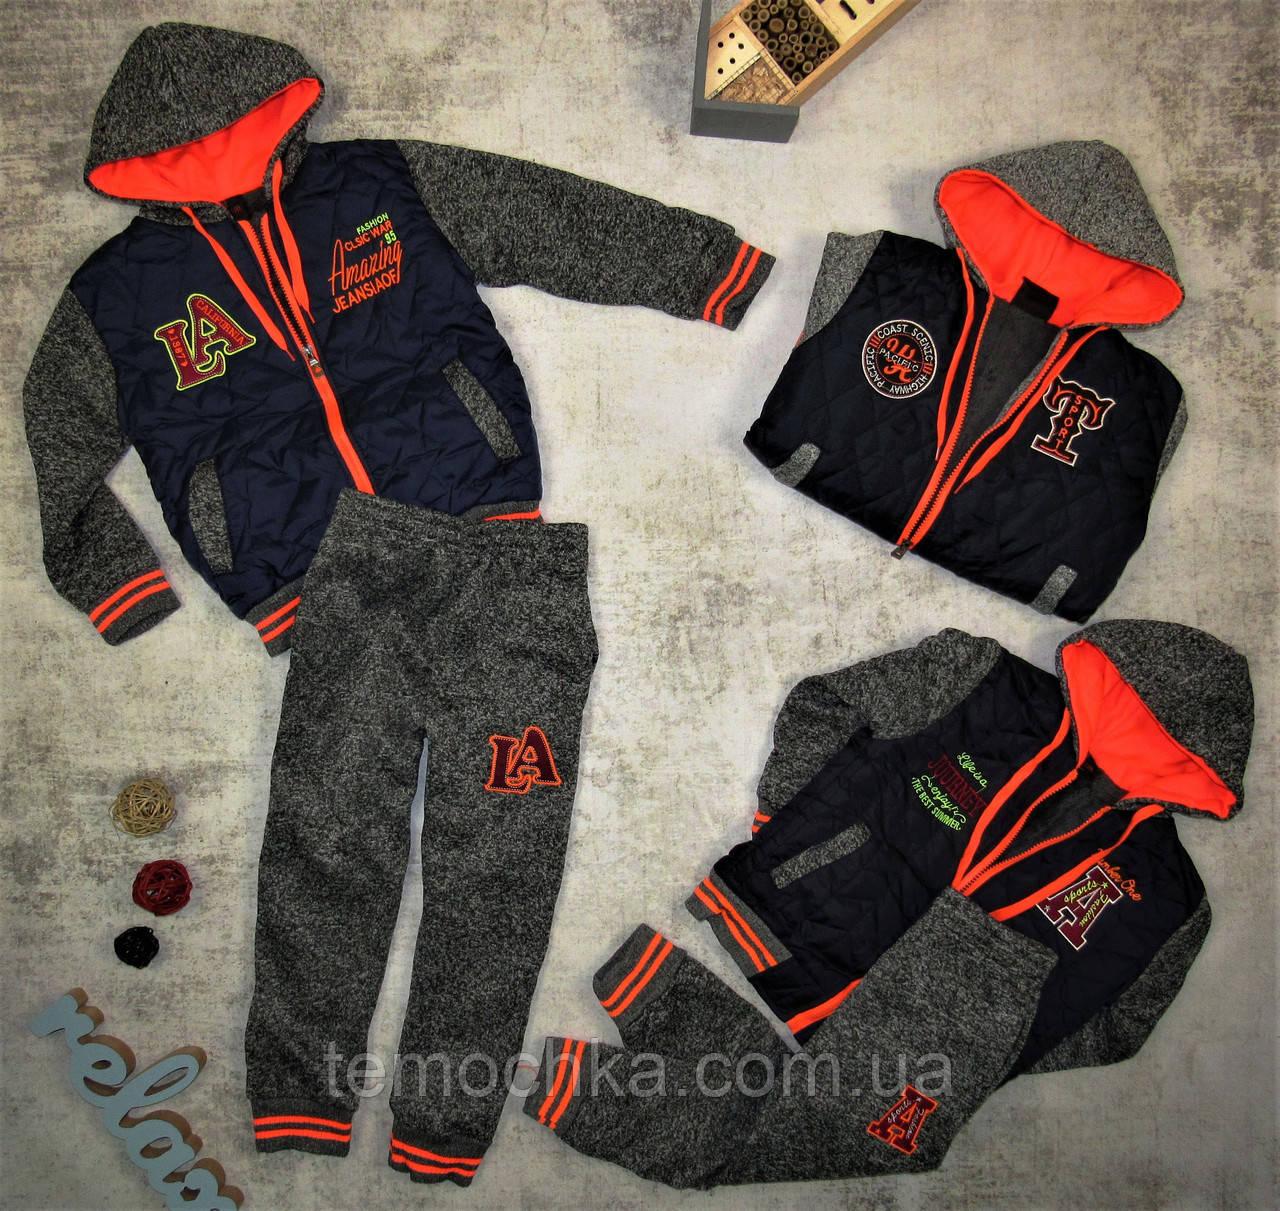 Теплый спортивный костюм комплект для мальчика